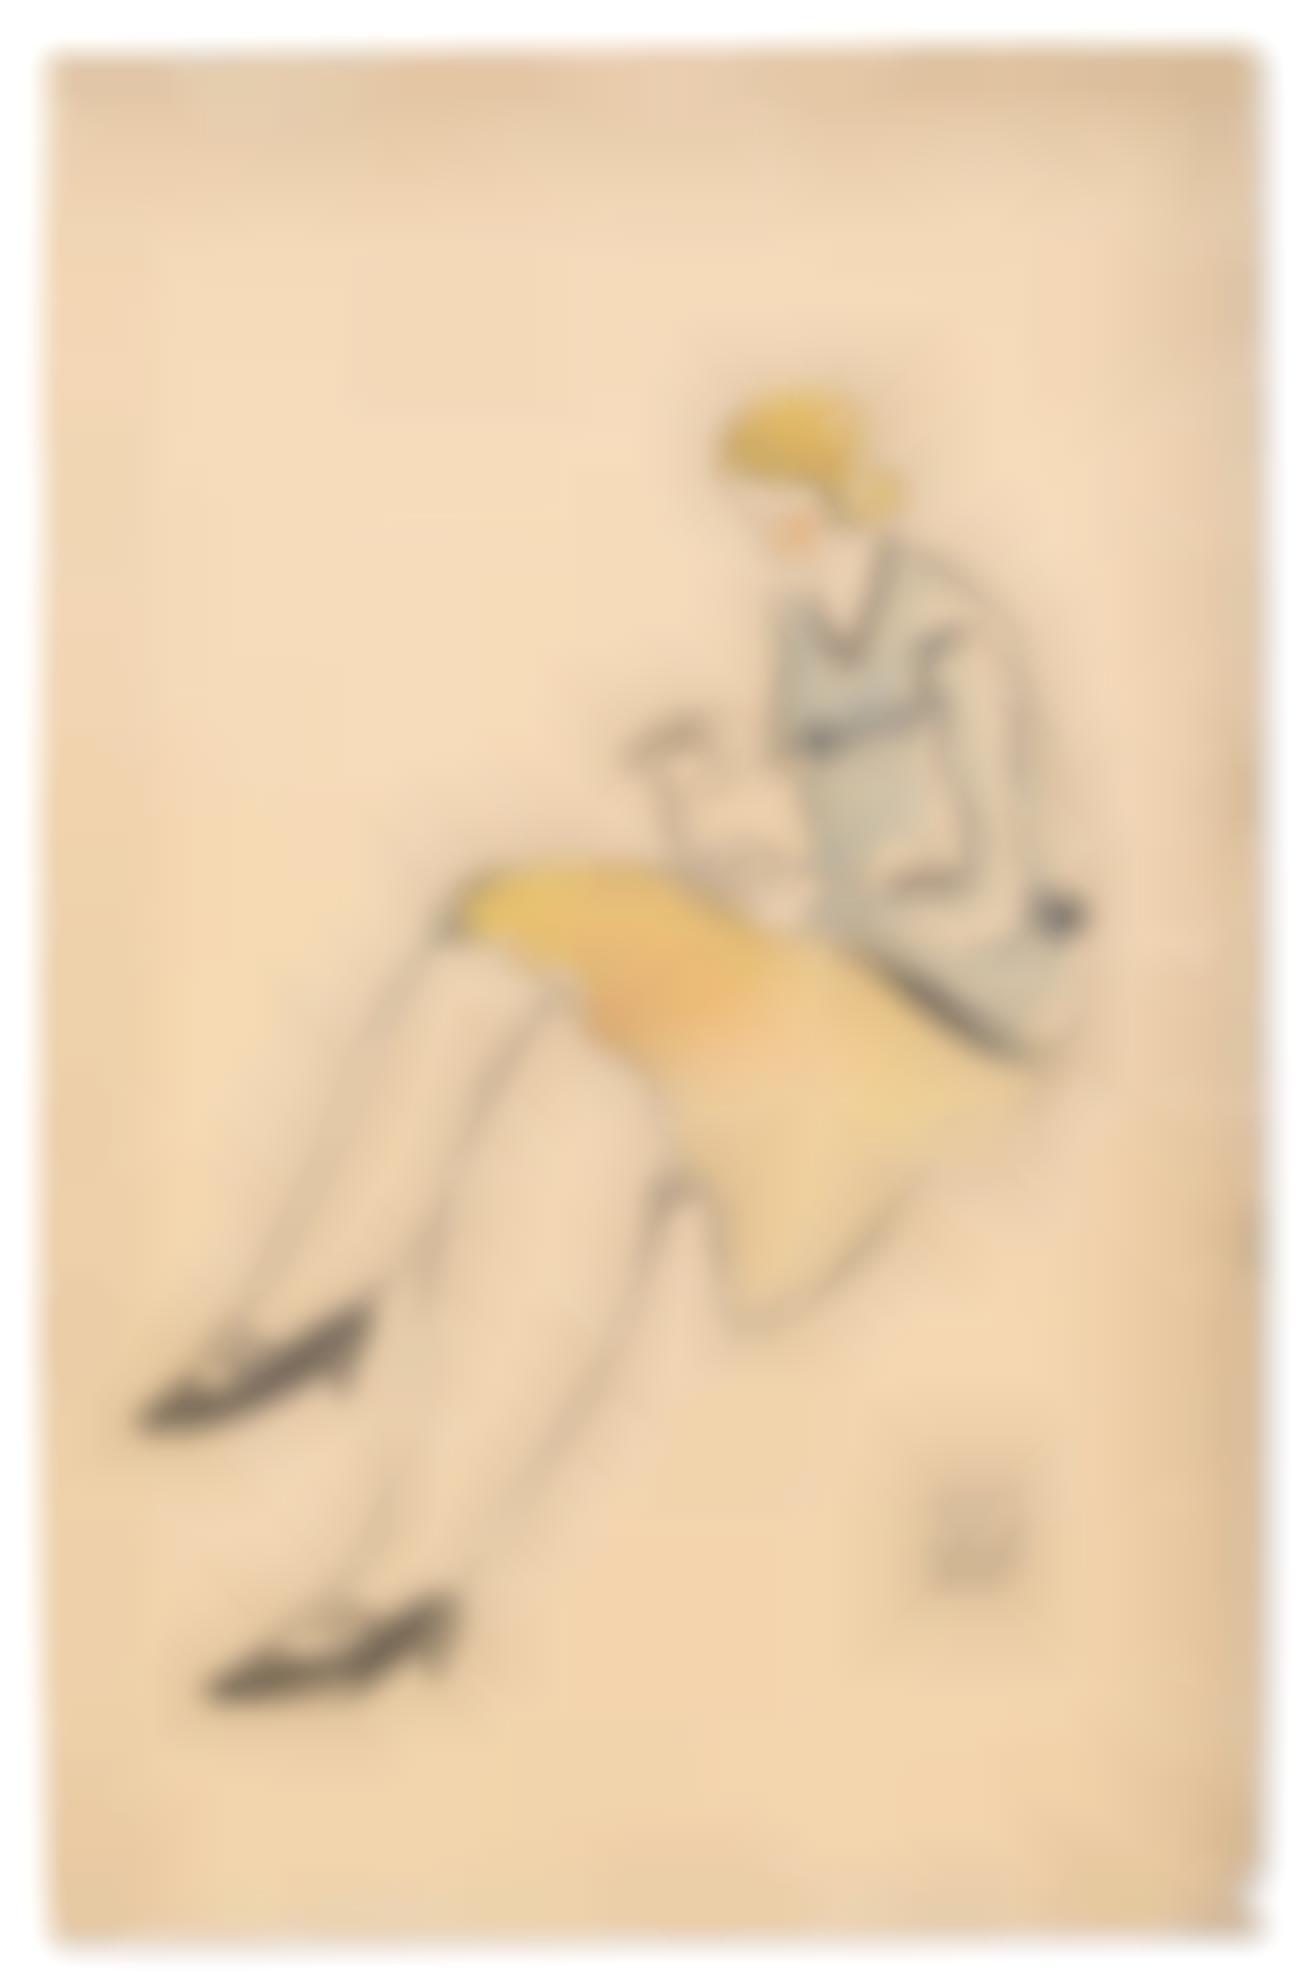 Sanyu-Lectrice A La Jupe Jaune-1930